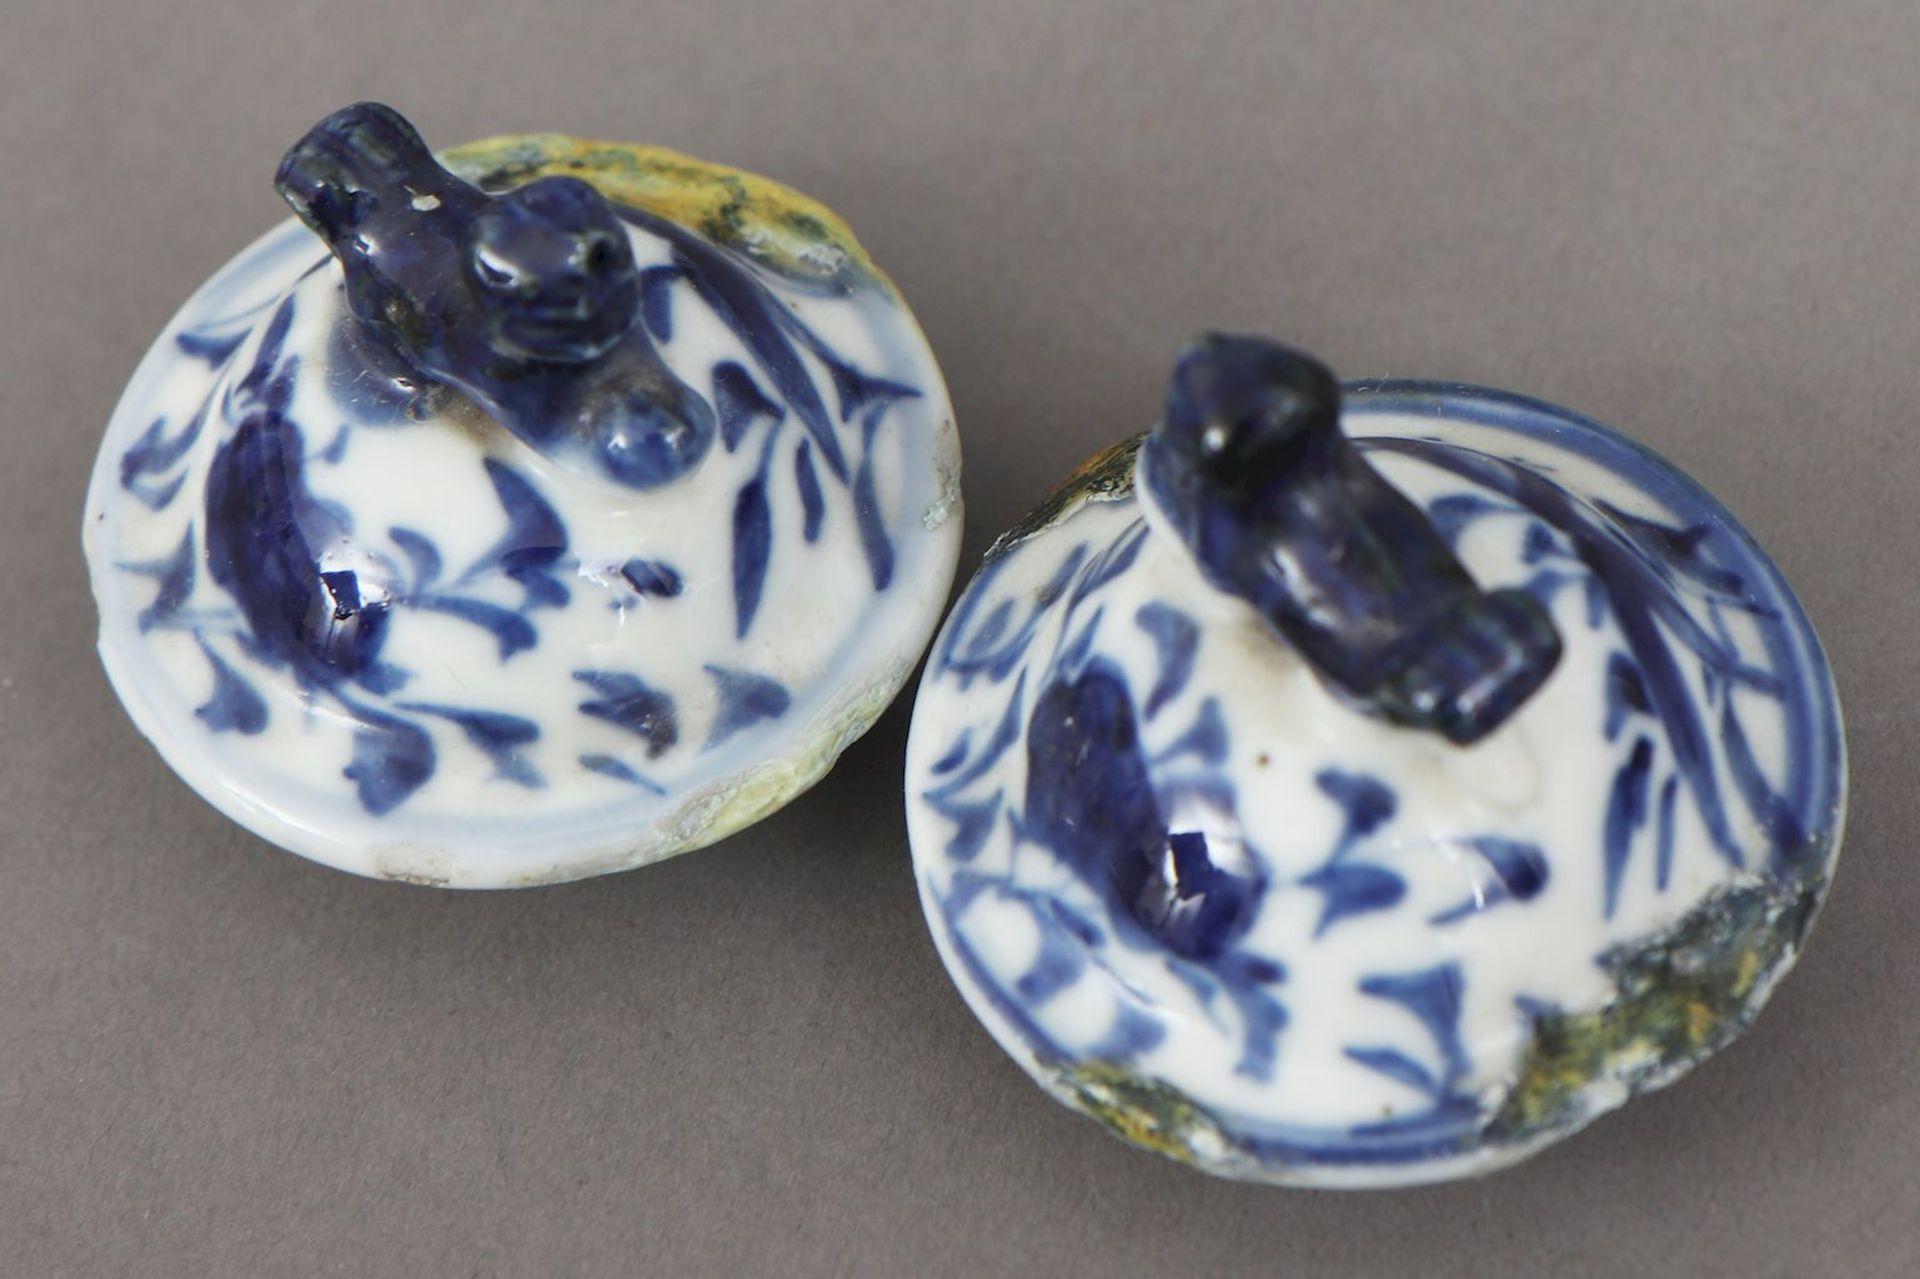 2 chinesische Deckelvasen mit Blaumalerei - Image 5 of 5